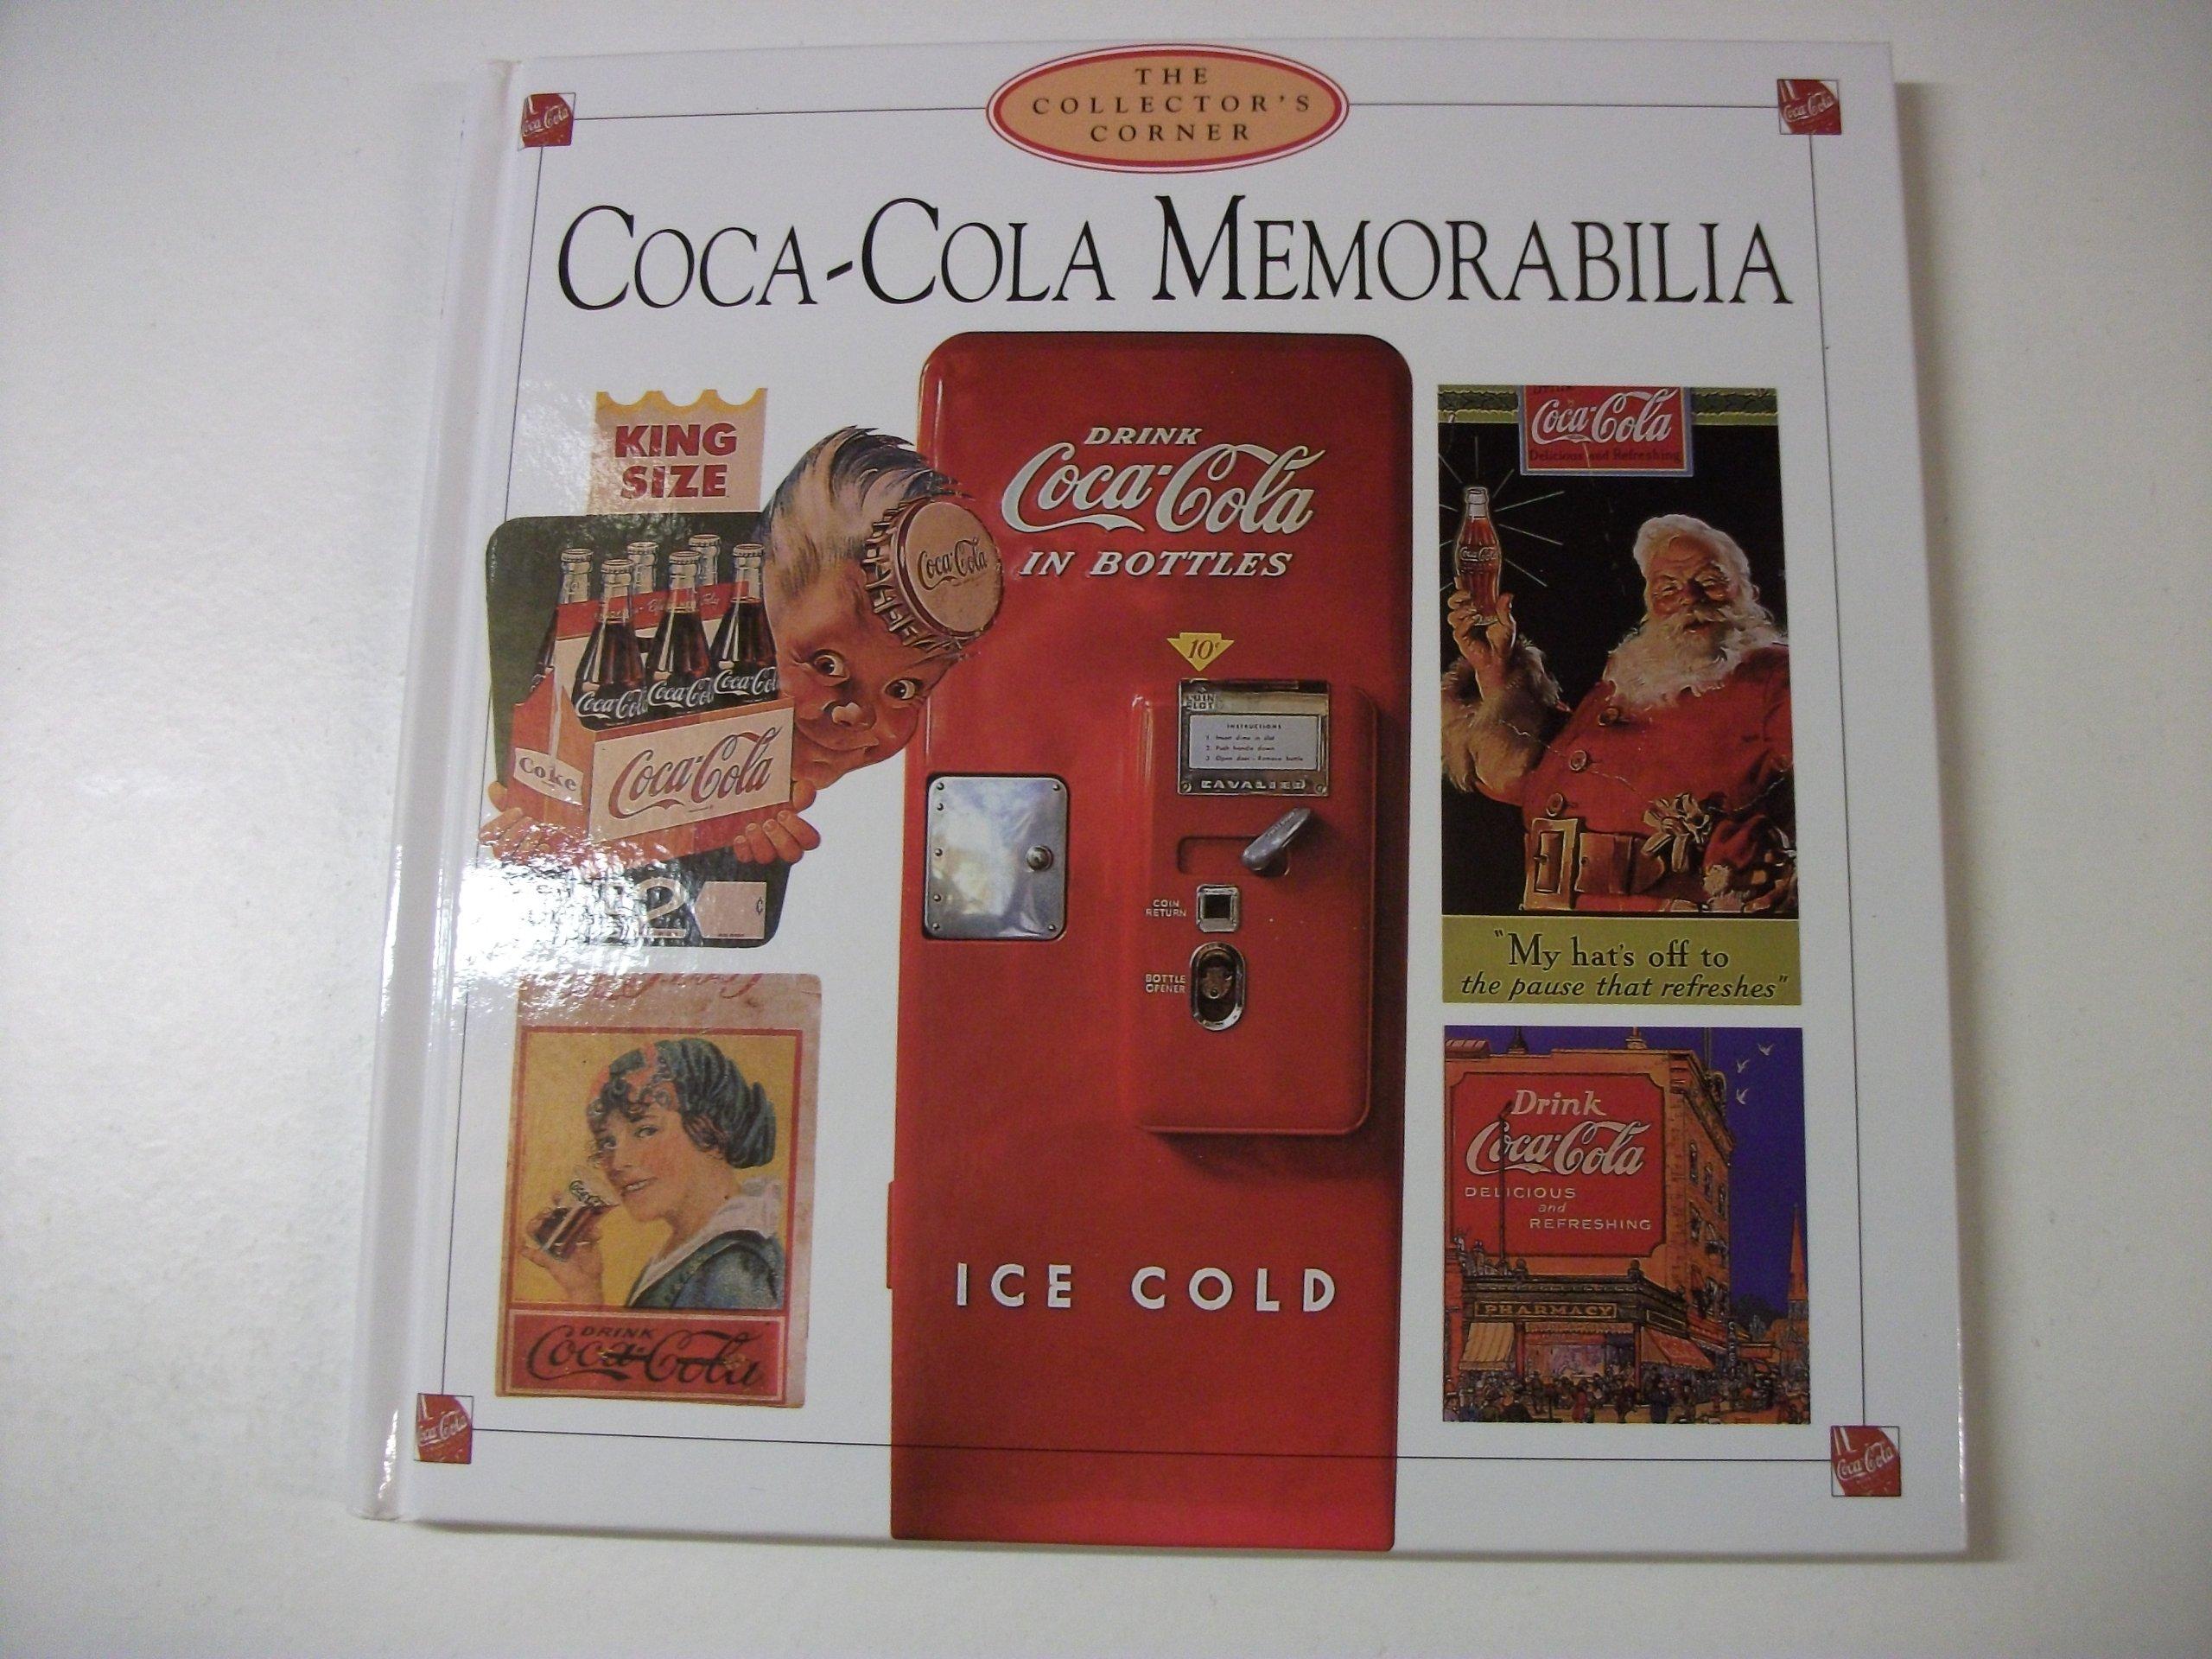 Coca Cola Memorabilia: The Collector's Corner